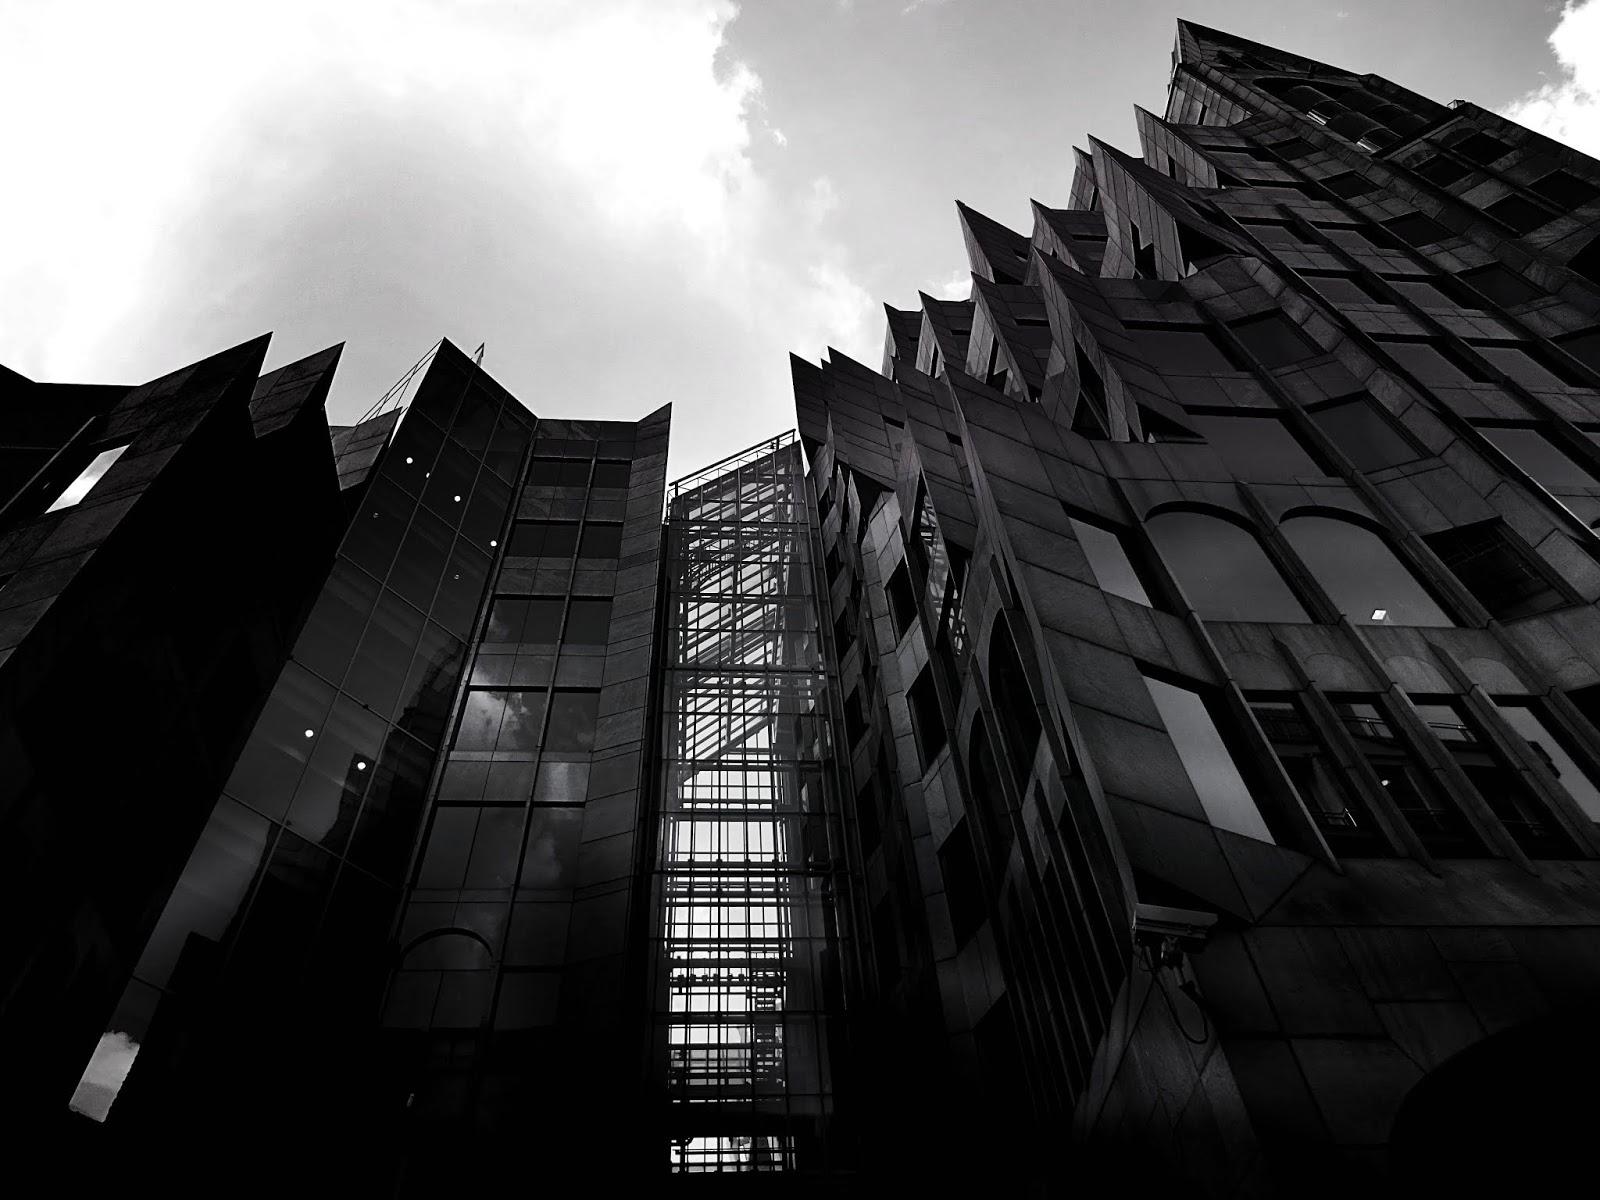 Tamamen Siyah Plazalar